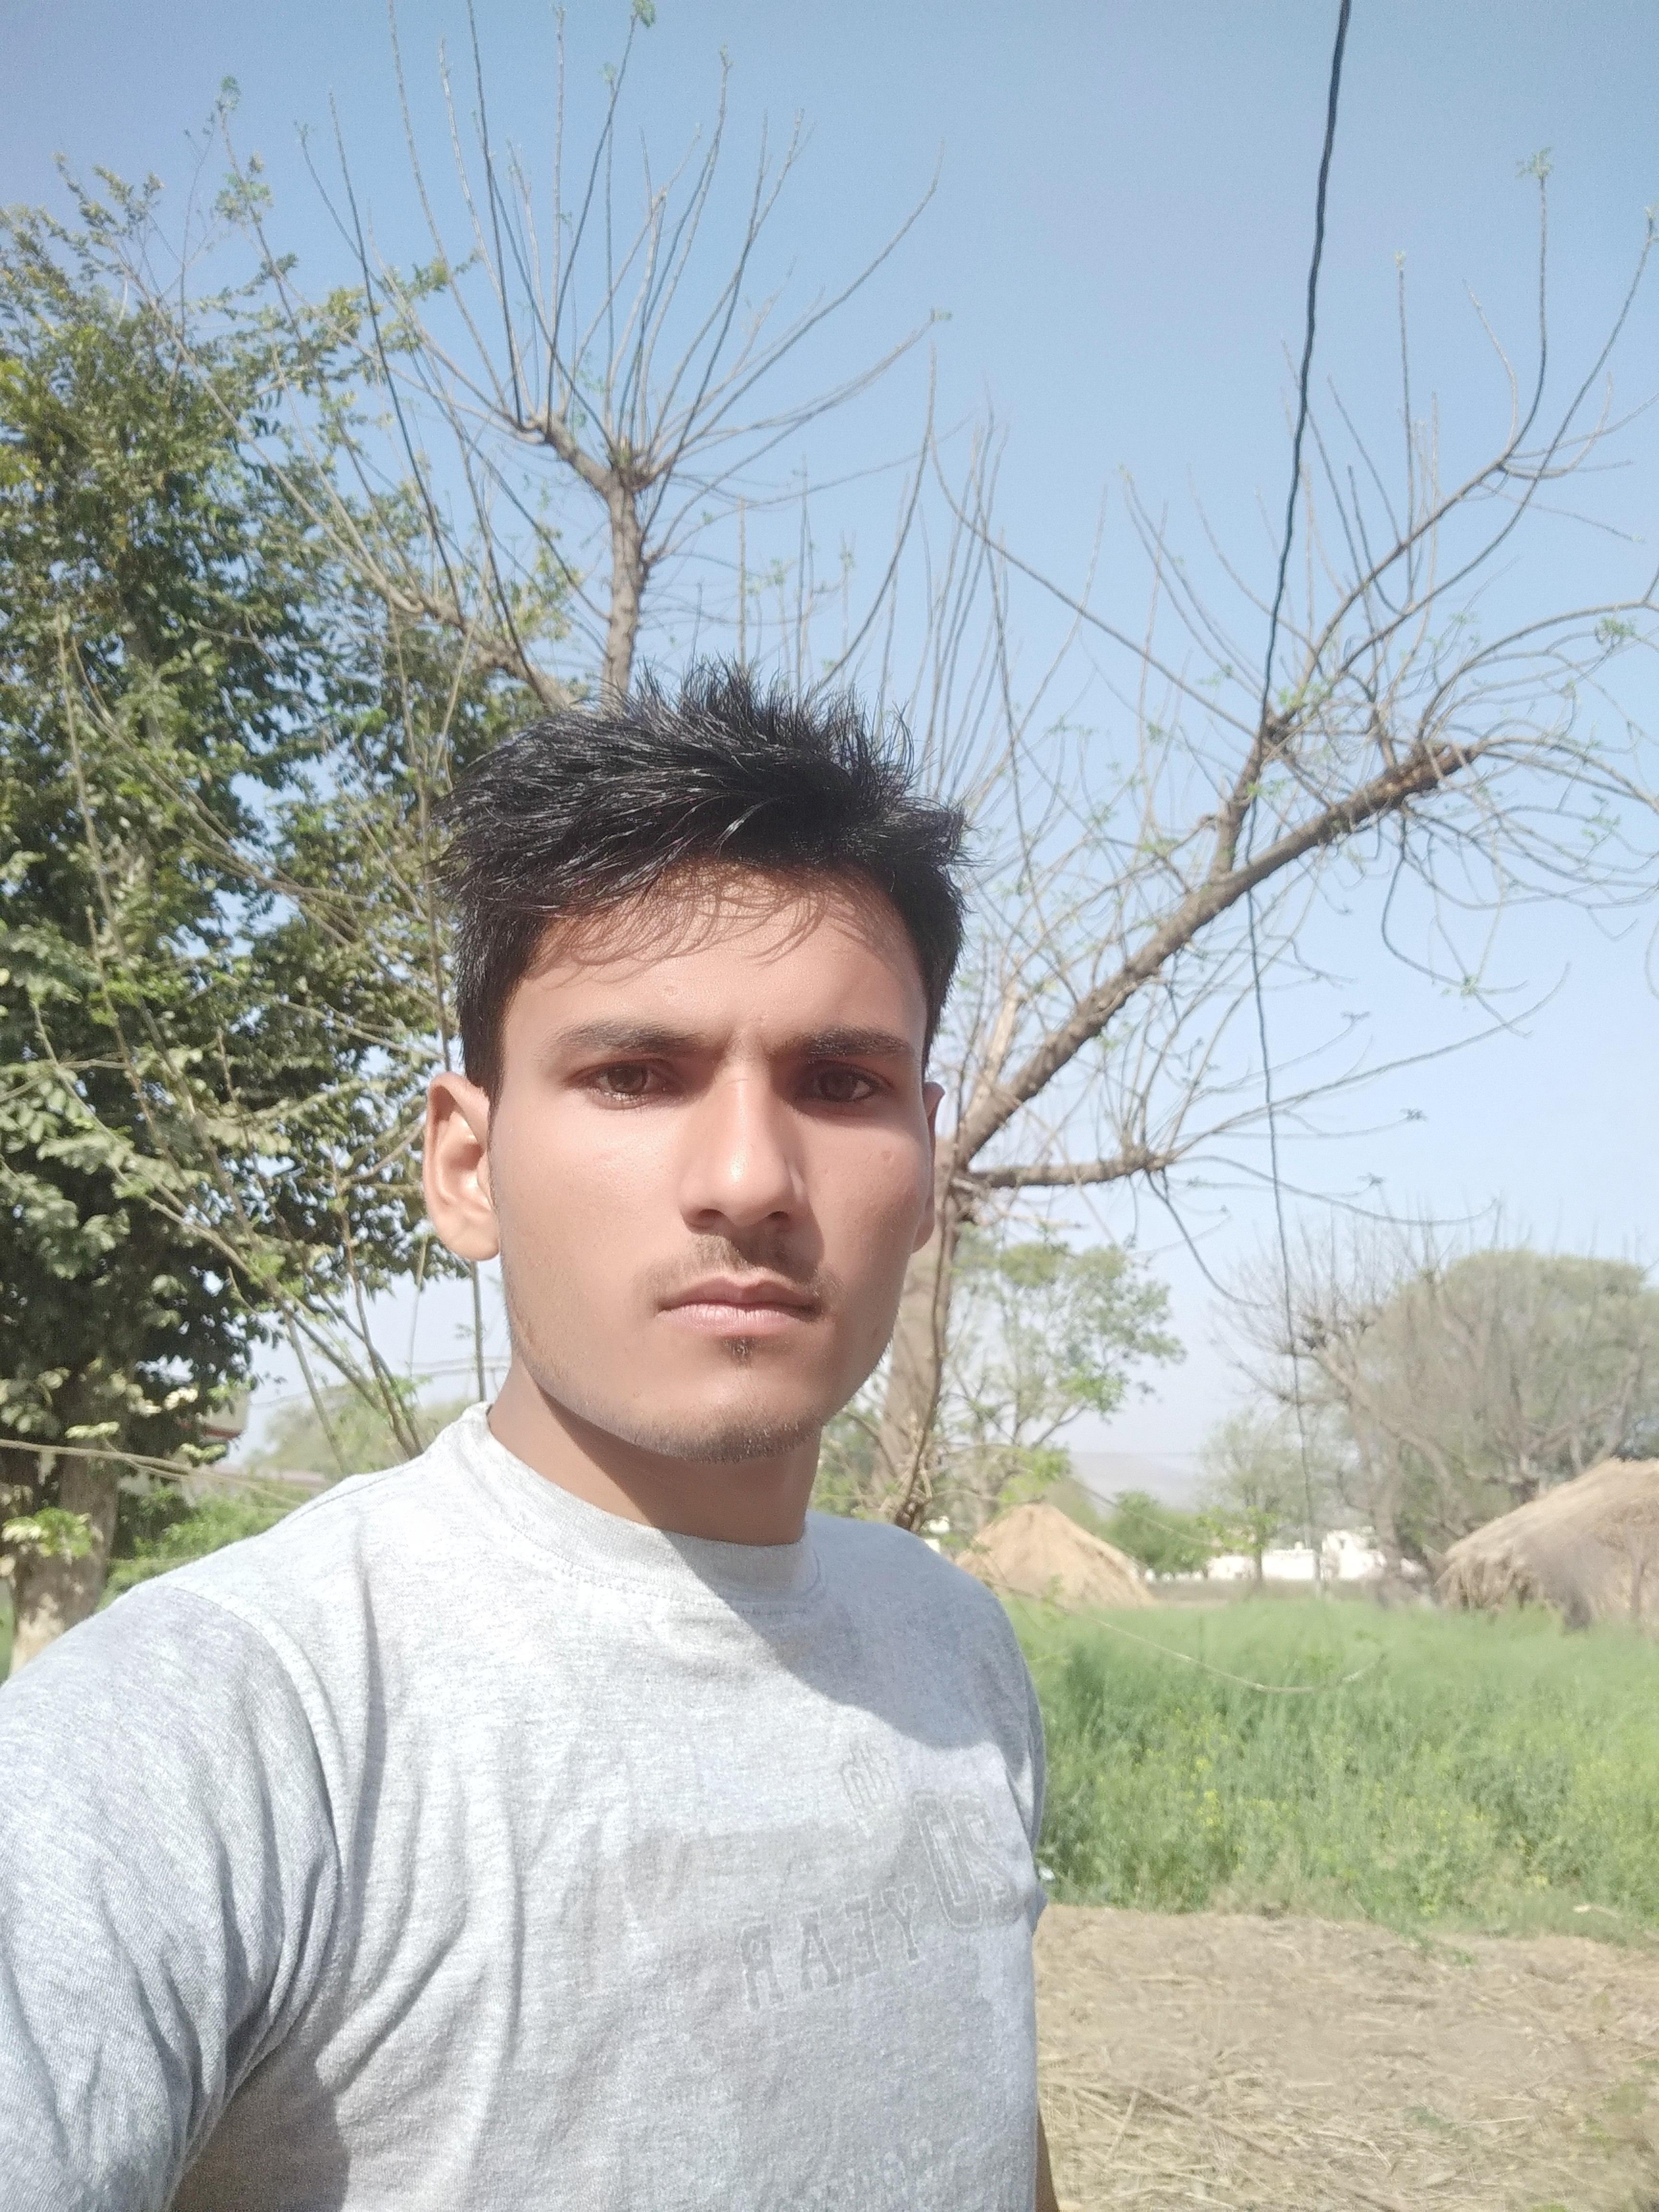 Bal kishan